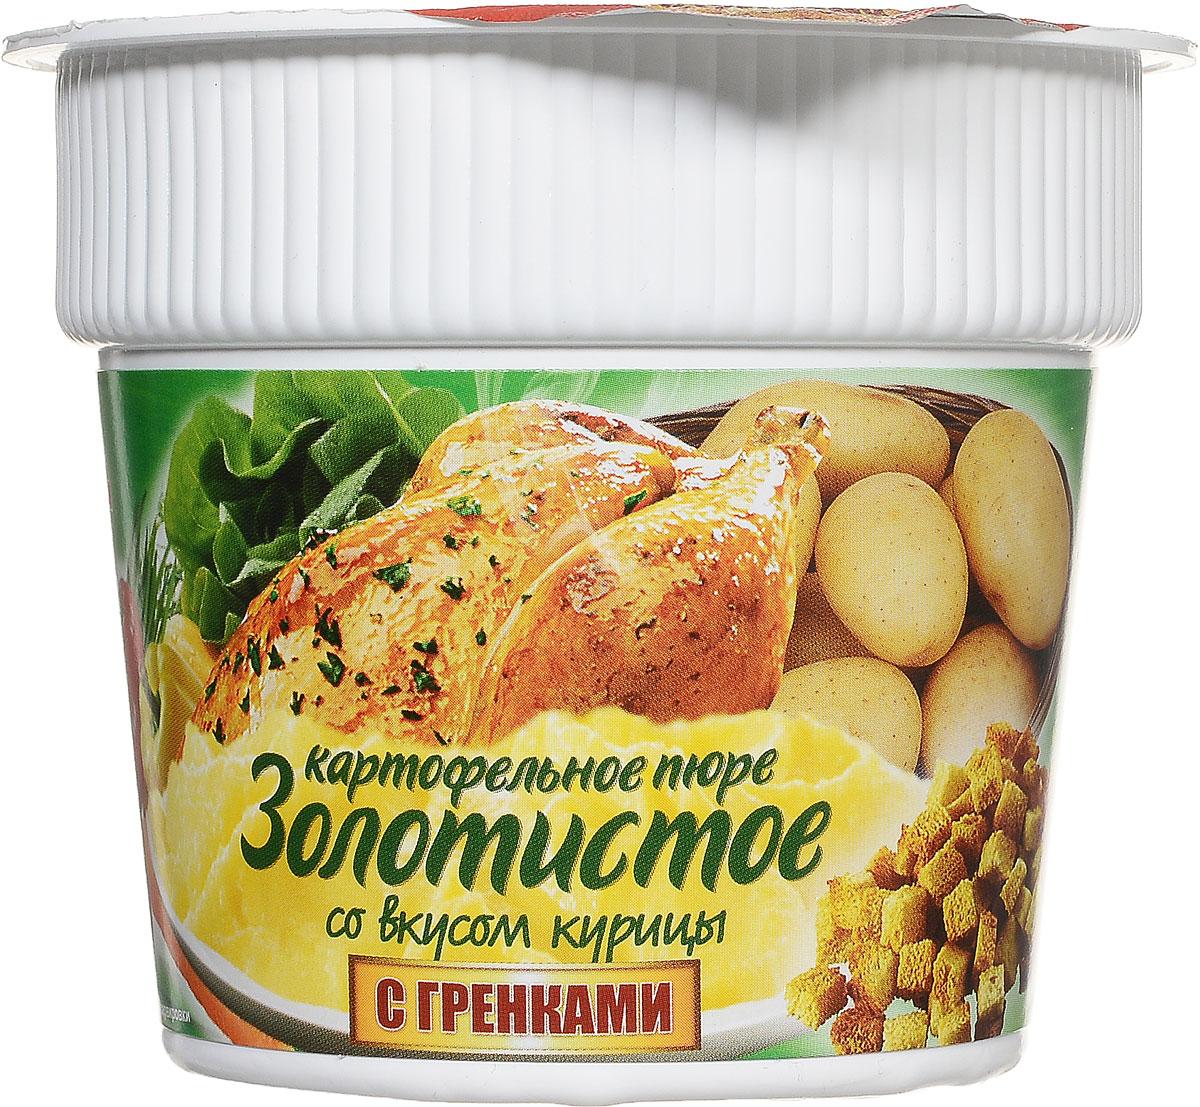 Кухня без границ Картофельное пюре быстрого приготовления Золотистое с гренками со вкусом курицы, 40 г